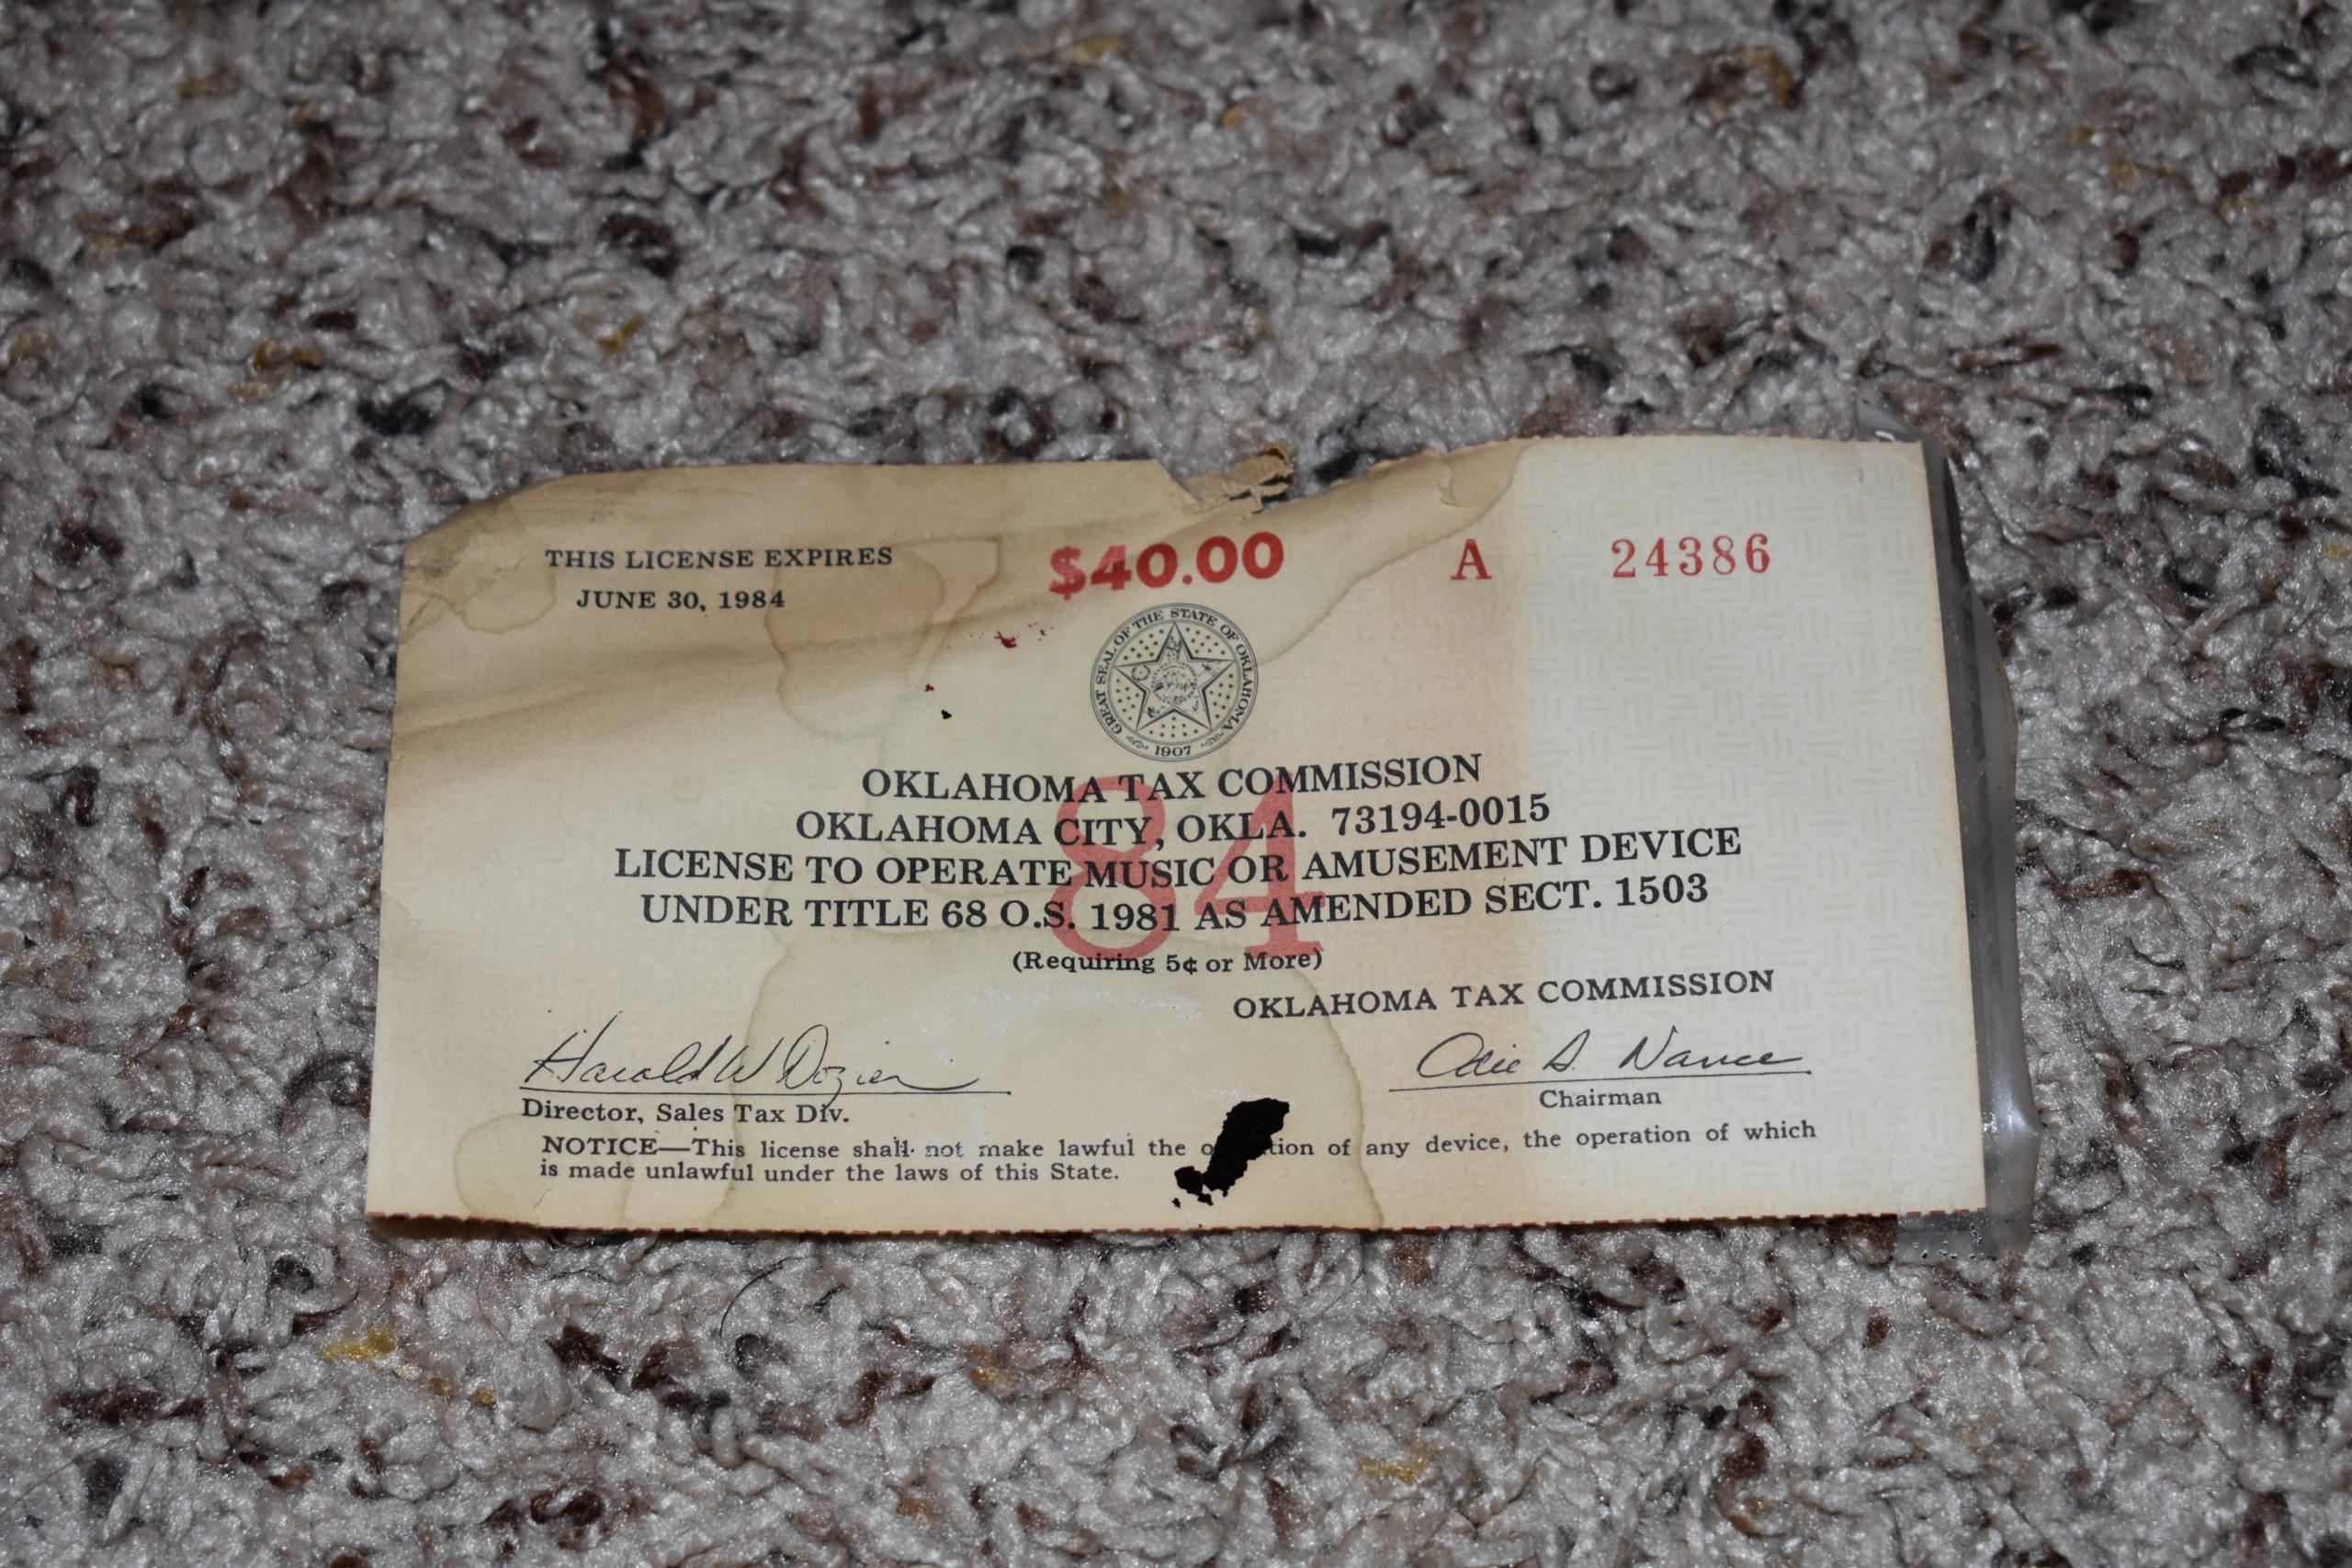 amusement license expiring in 1984